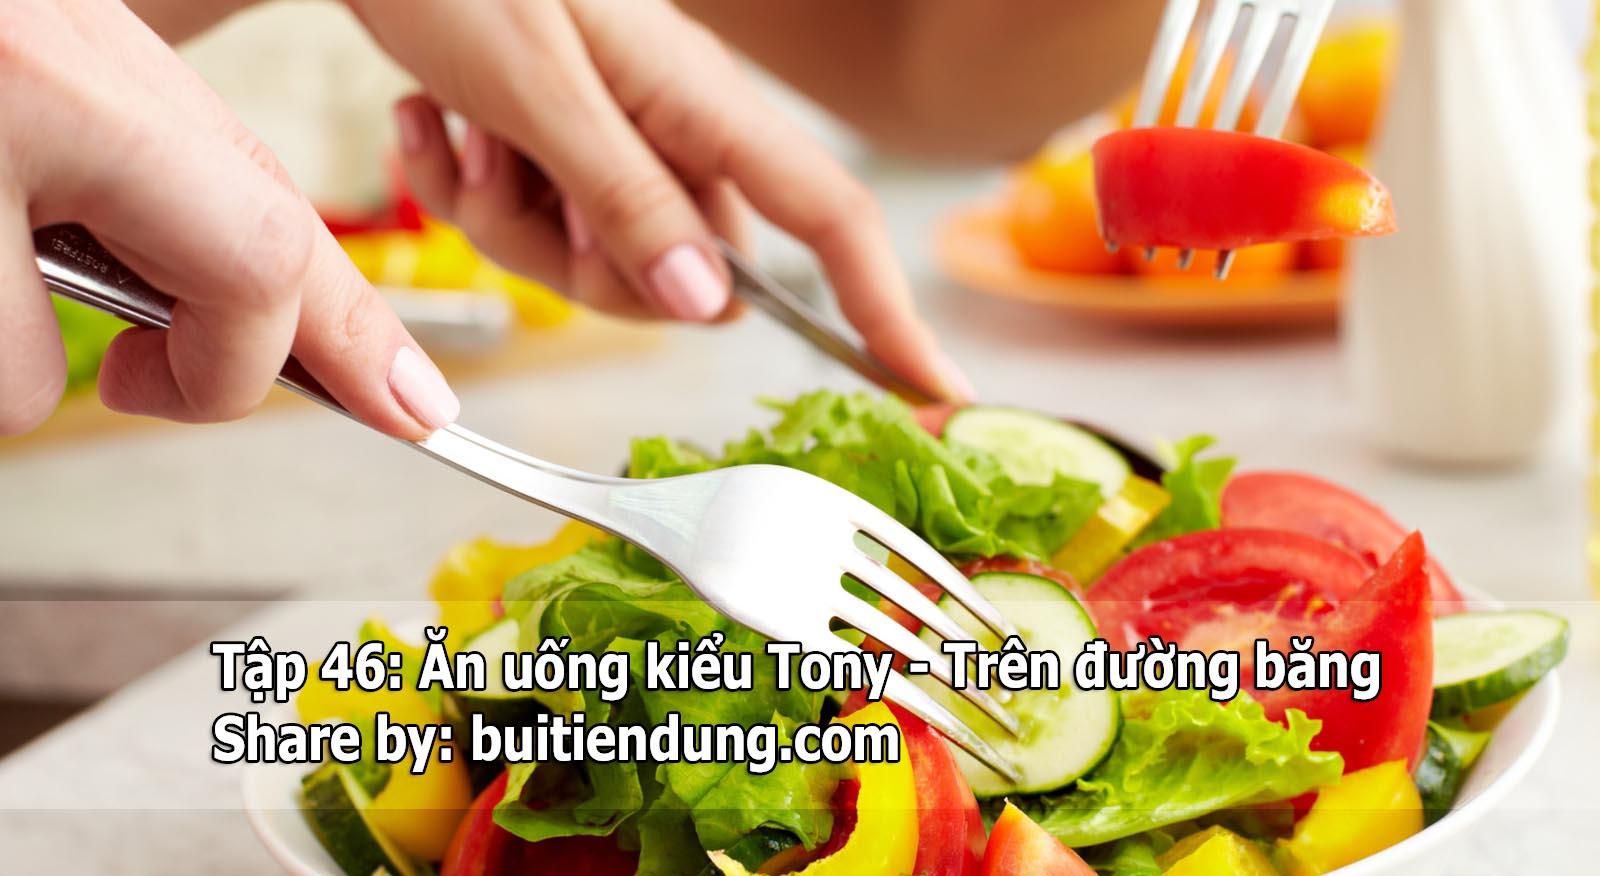 Tập 46: Ăn uống kiểu Tony – Trên đường băng